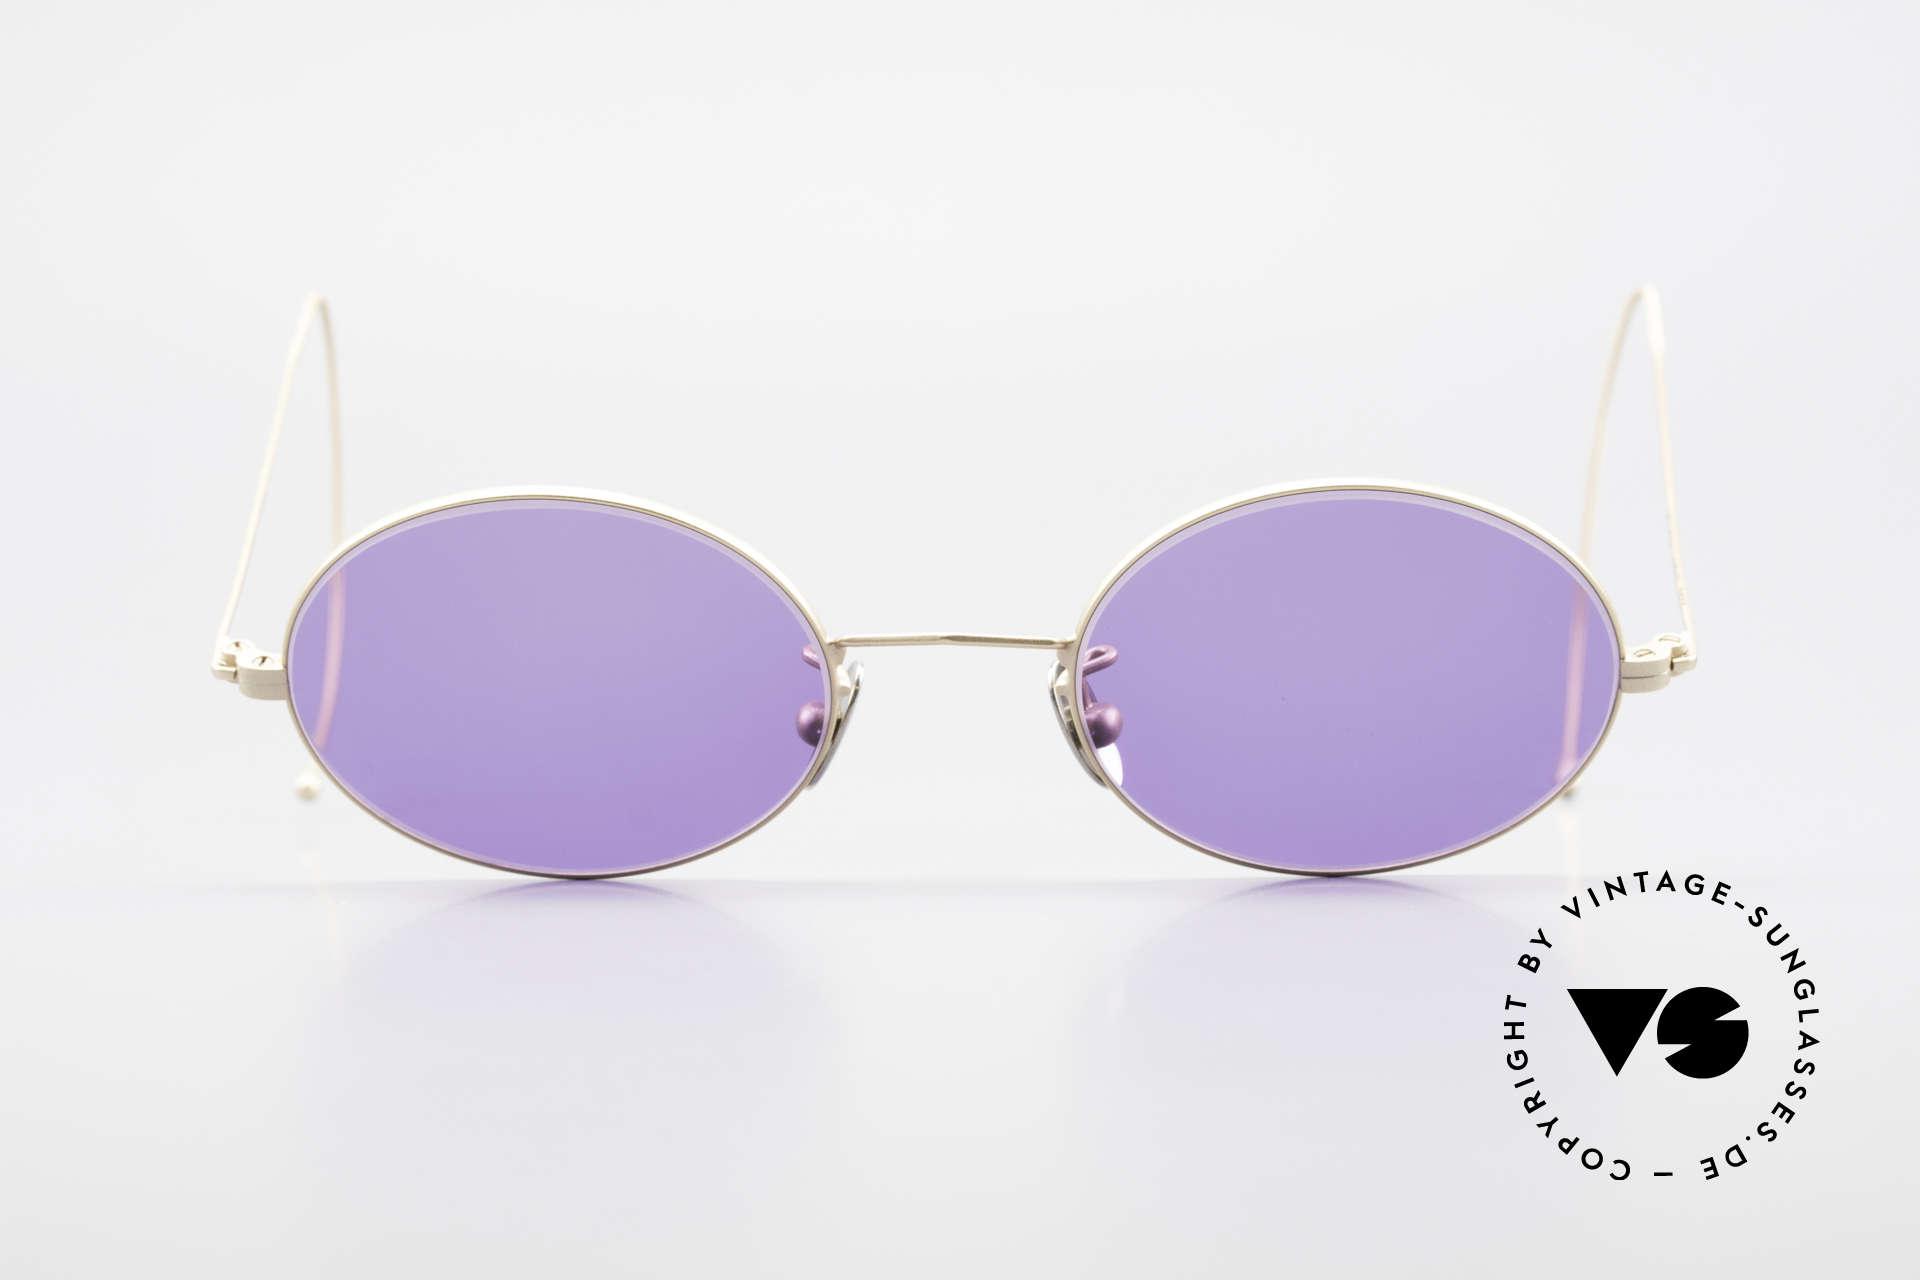 Cutler And Gross 0410 Ovale Sportbügel Sonnenbrille, klassisch, zeitlose Understatement Luxus-Sonnenbrille, Passend für Herren und Damen